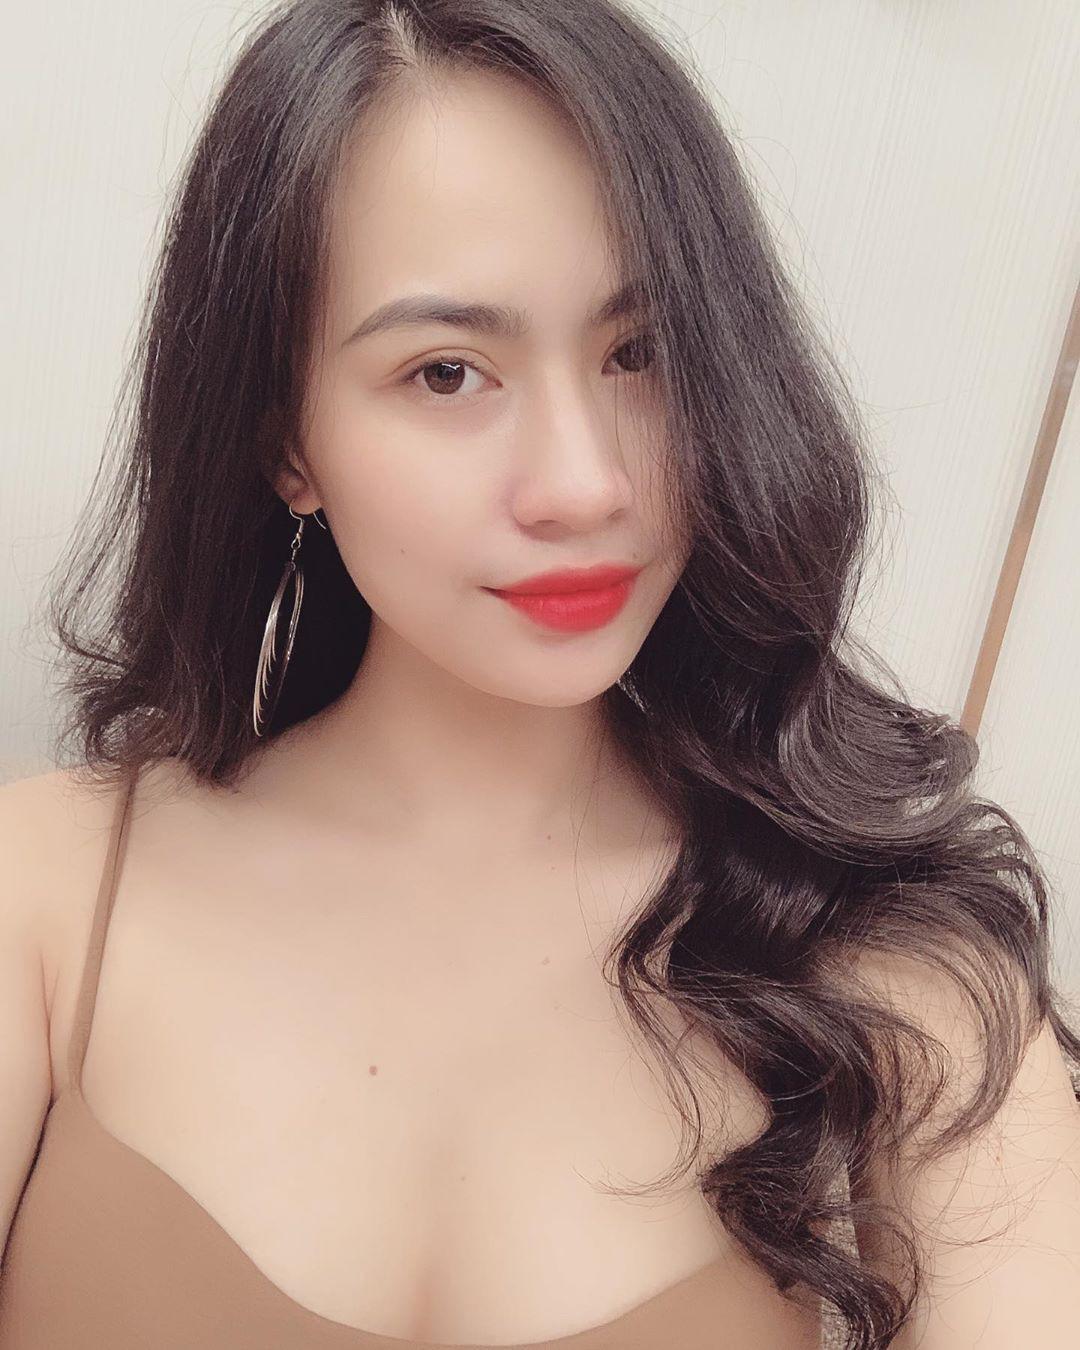 Vừa được công khai, bạn gái mới của Quang Hải liên tục bị dân mạng tấn công khiếm nhã 4